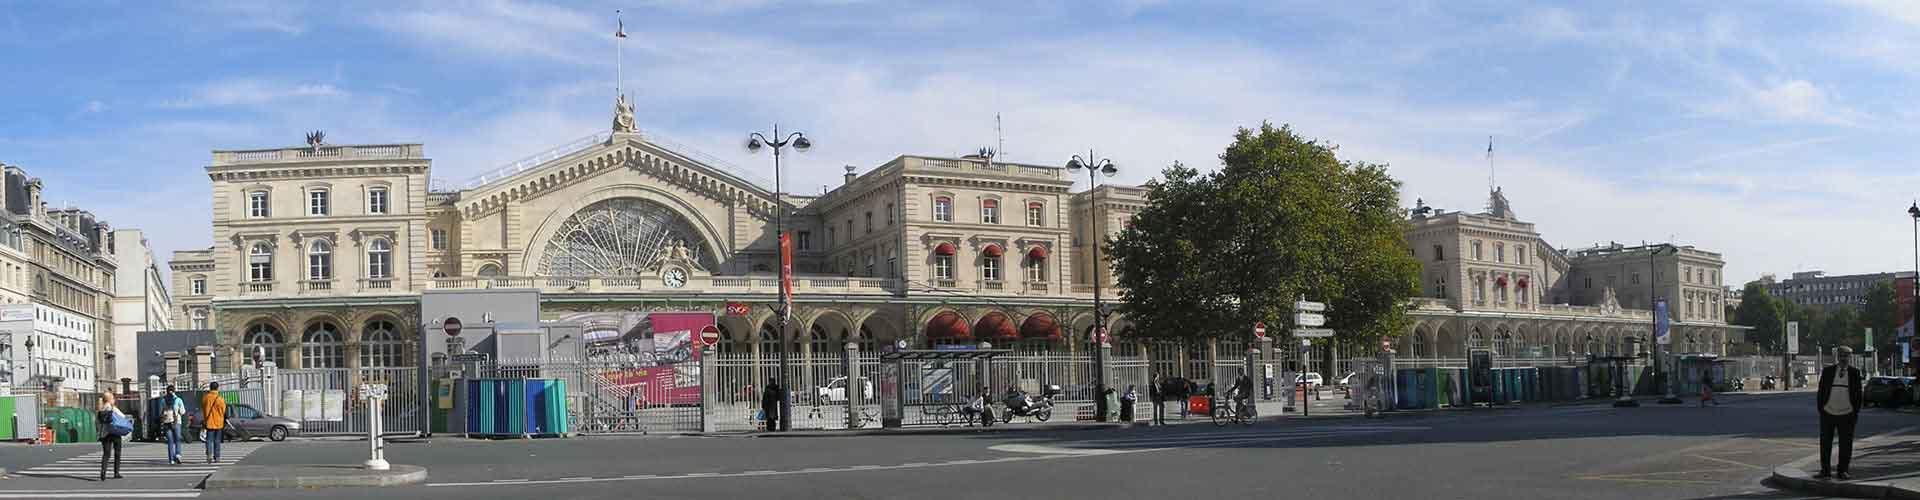 파리 - 10th District지역에 위치한 캠핑장. 파리의 지도, 파리에 위치한 캠핑장에 대한 사진 및 리뷰.